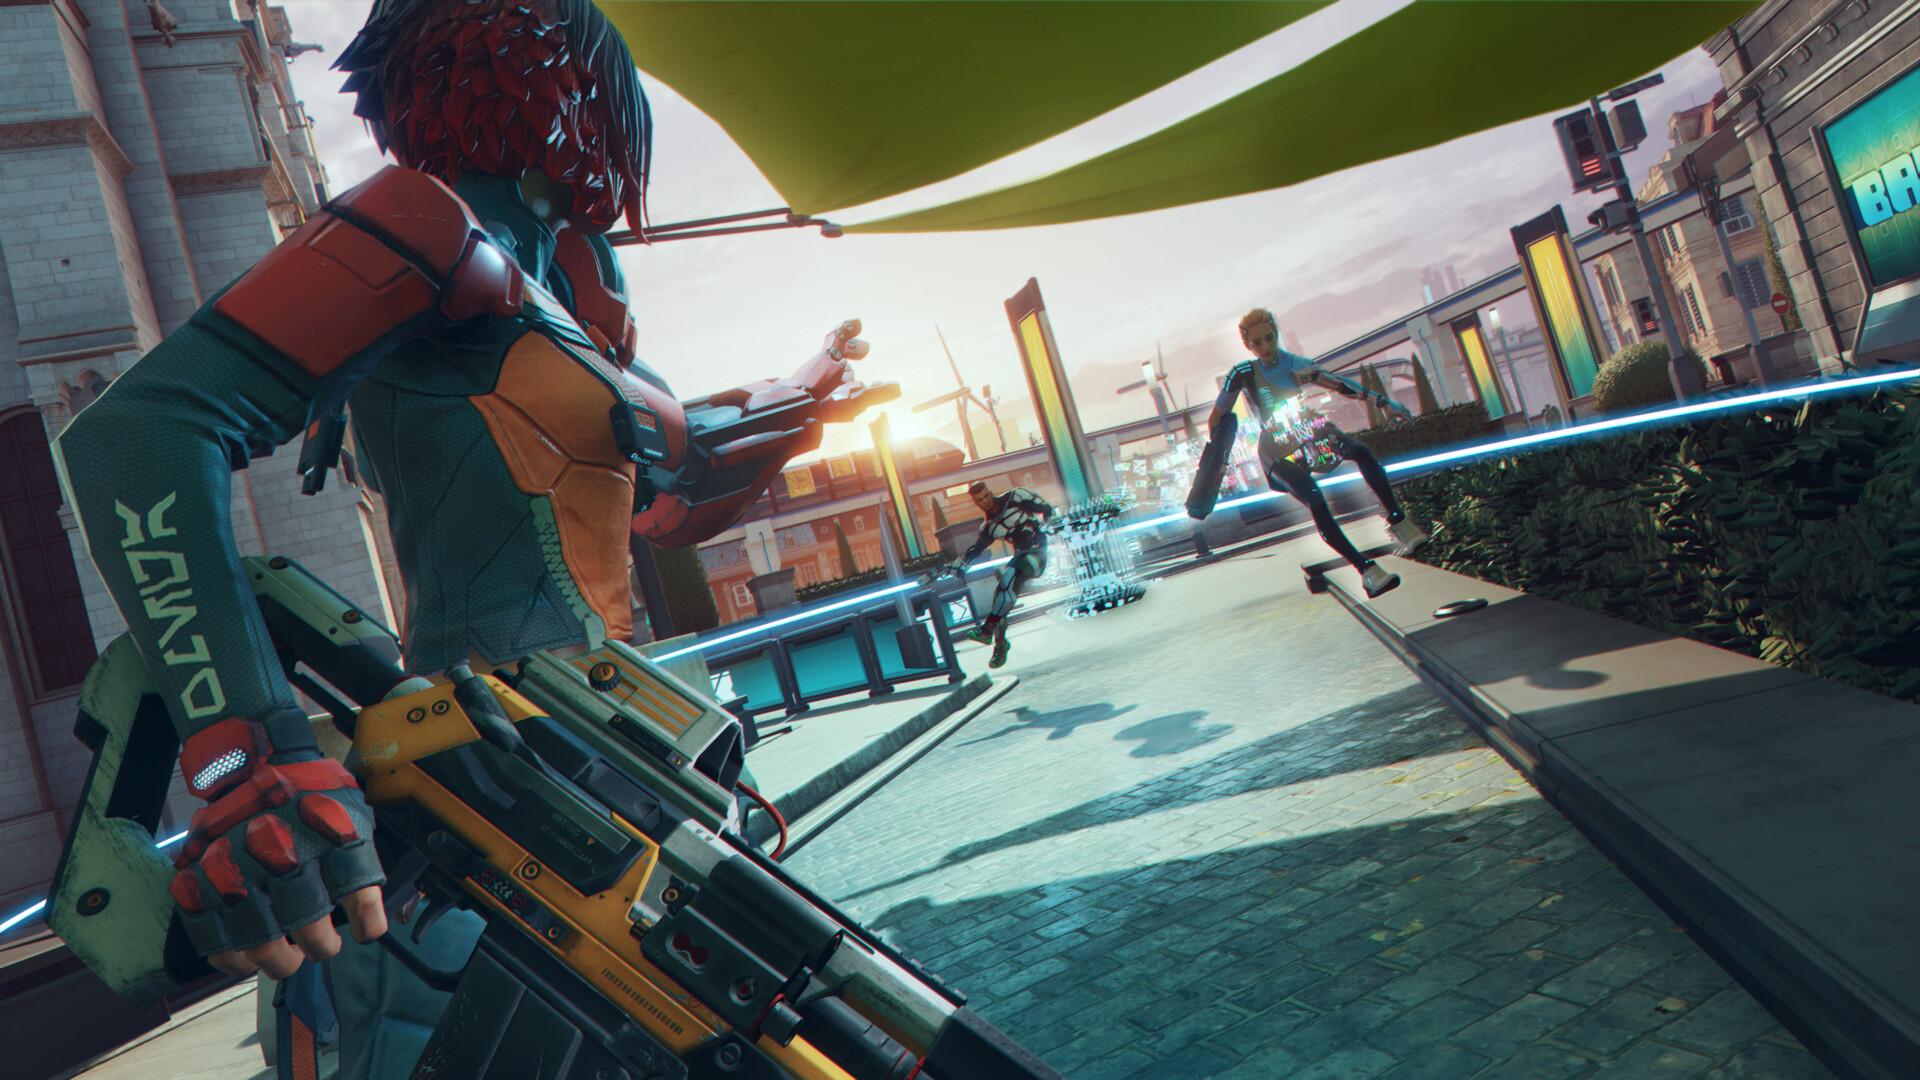 Lanzan Hyper Scape: el Battle Royale gratuito de Ubisoft llegó a PS4, Xbox One y PC